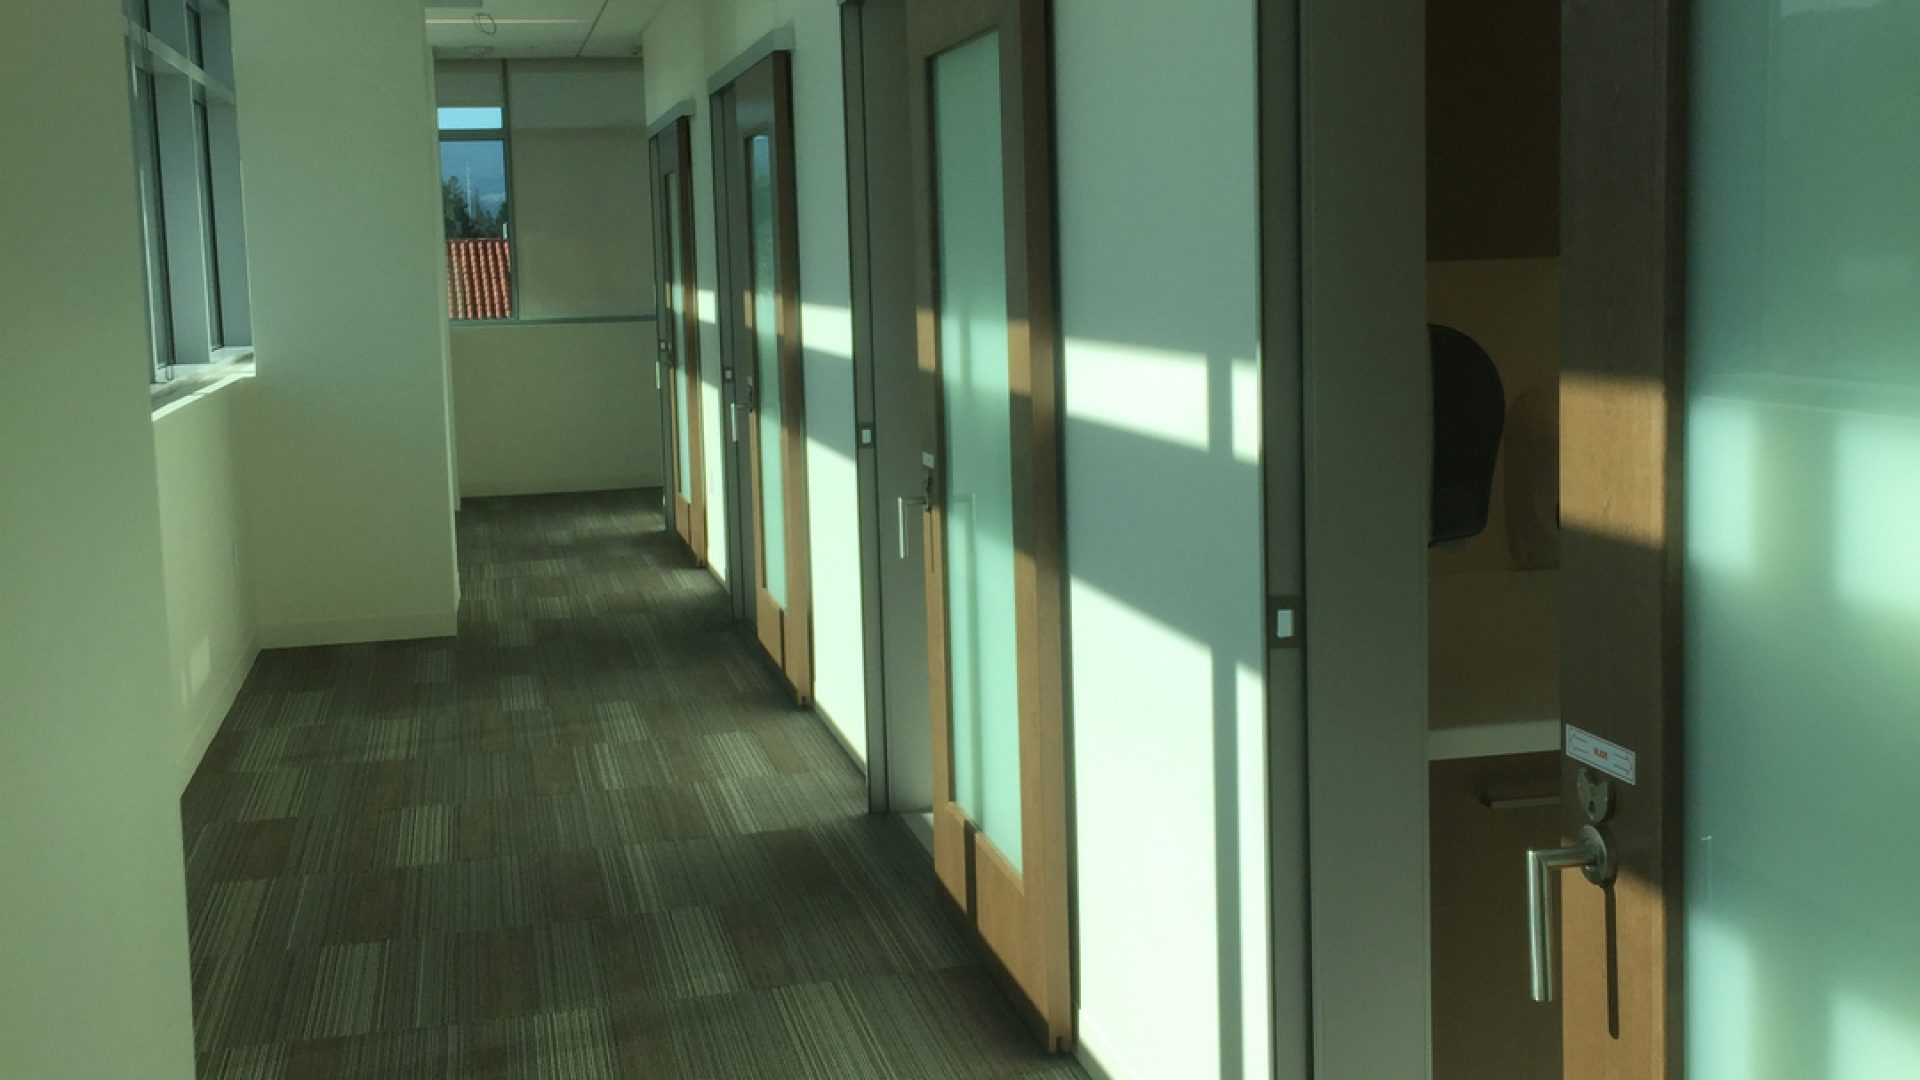 Healthcare Sliding Barn Door Systems Colorado Springs Coserenity